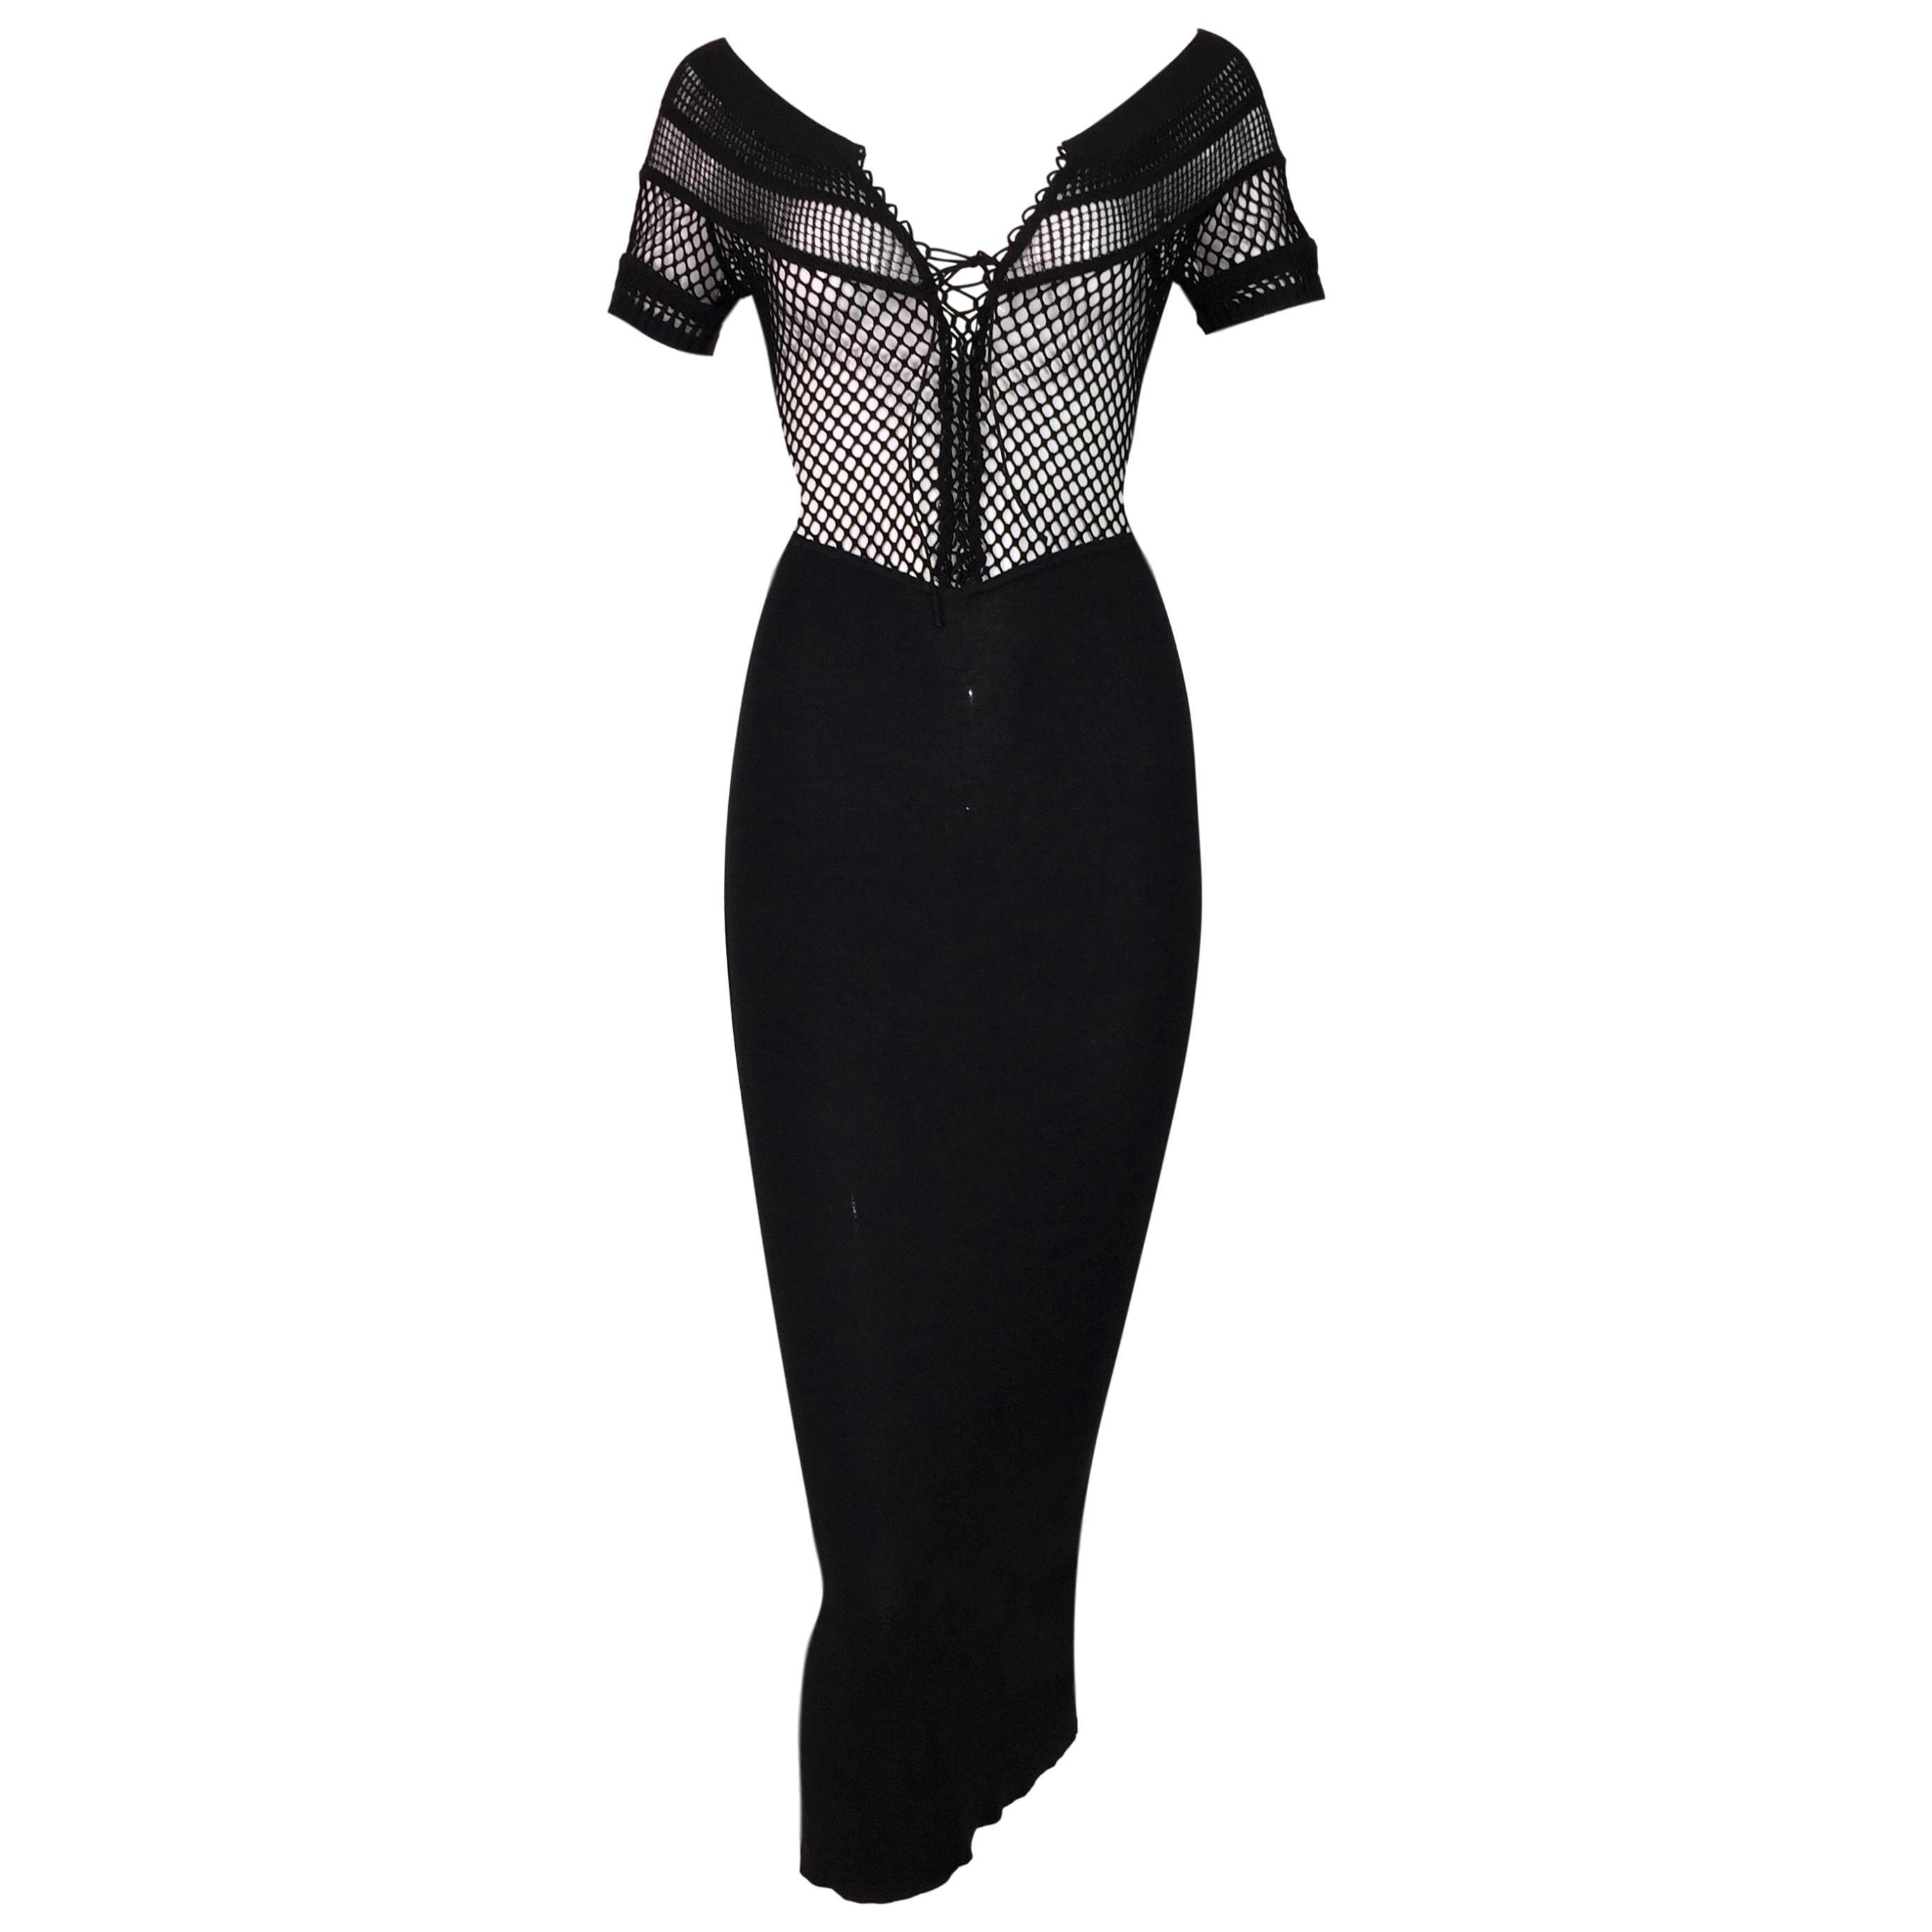 1993 Jean Paul Gaultier Sheer Black Fishnet Mesh Bodycon Wiggle Long Dress